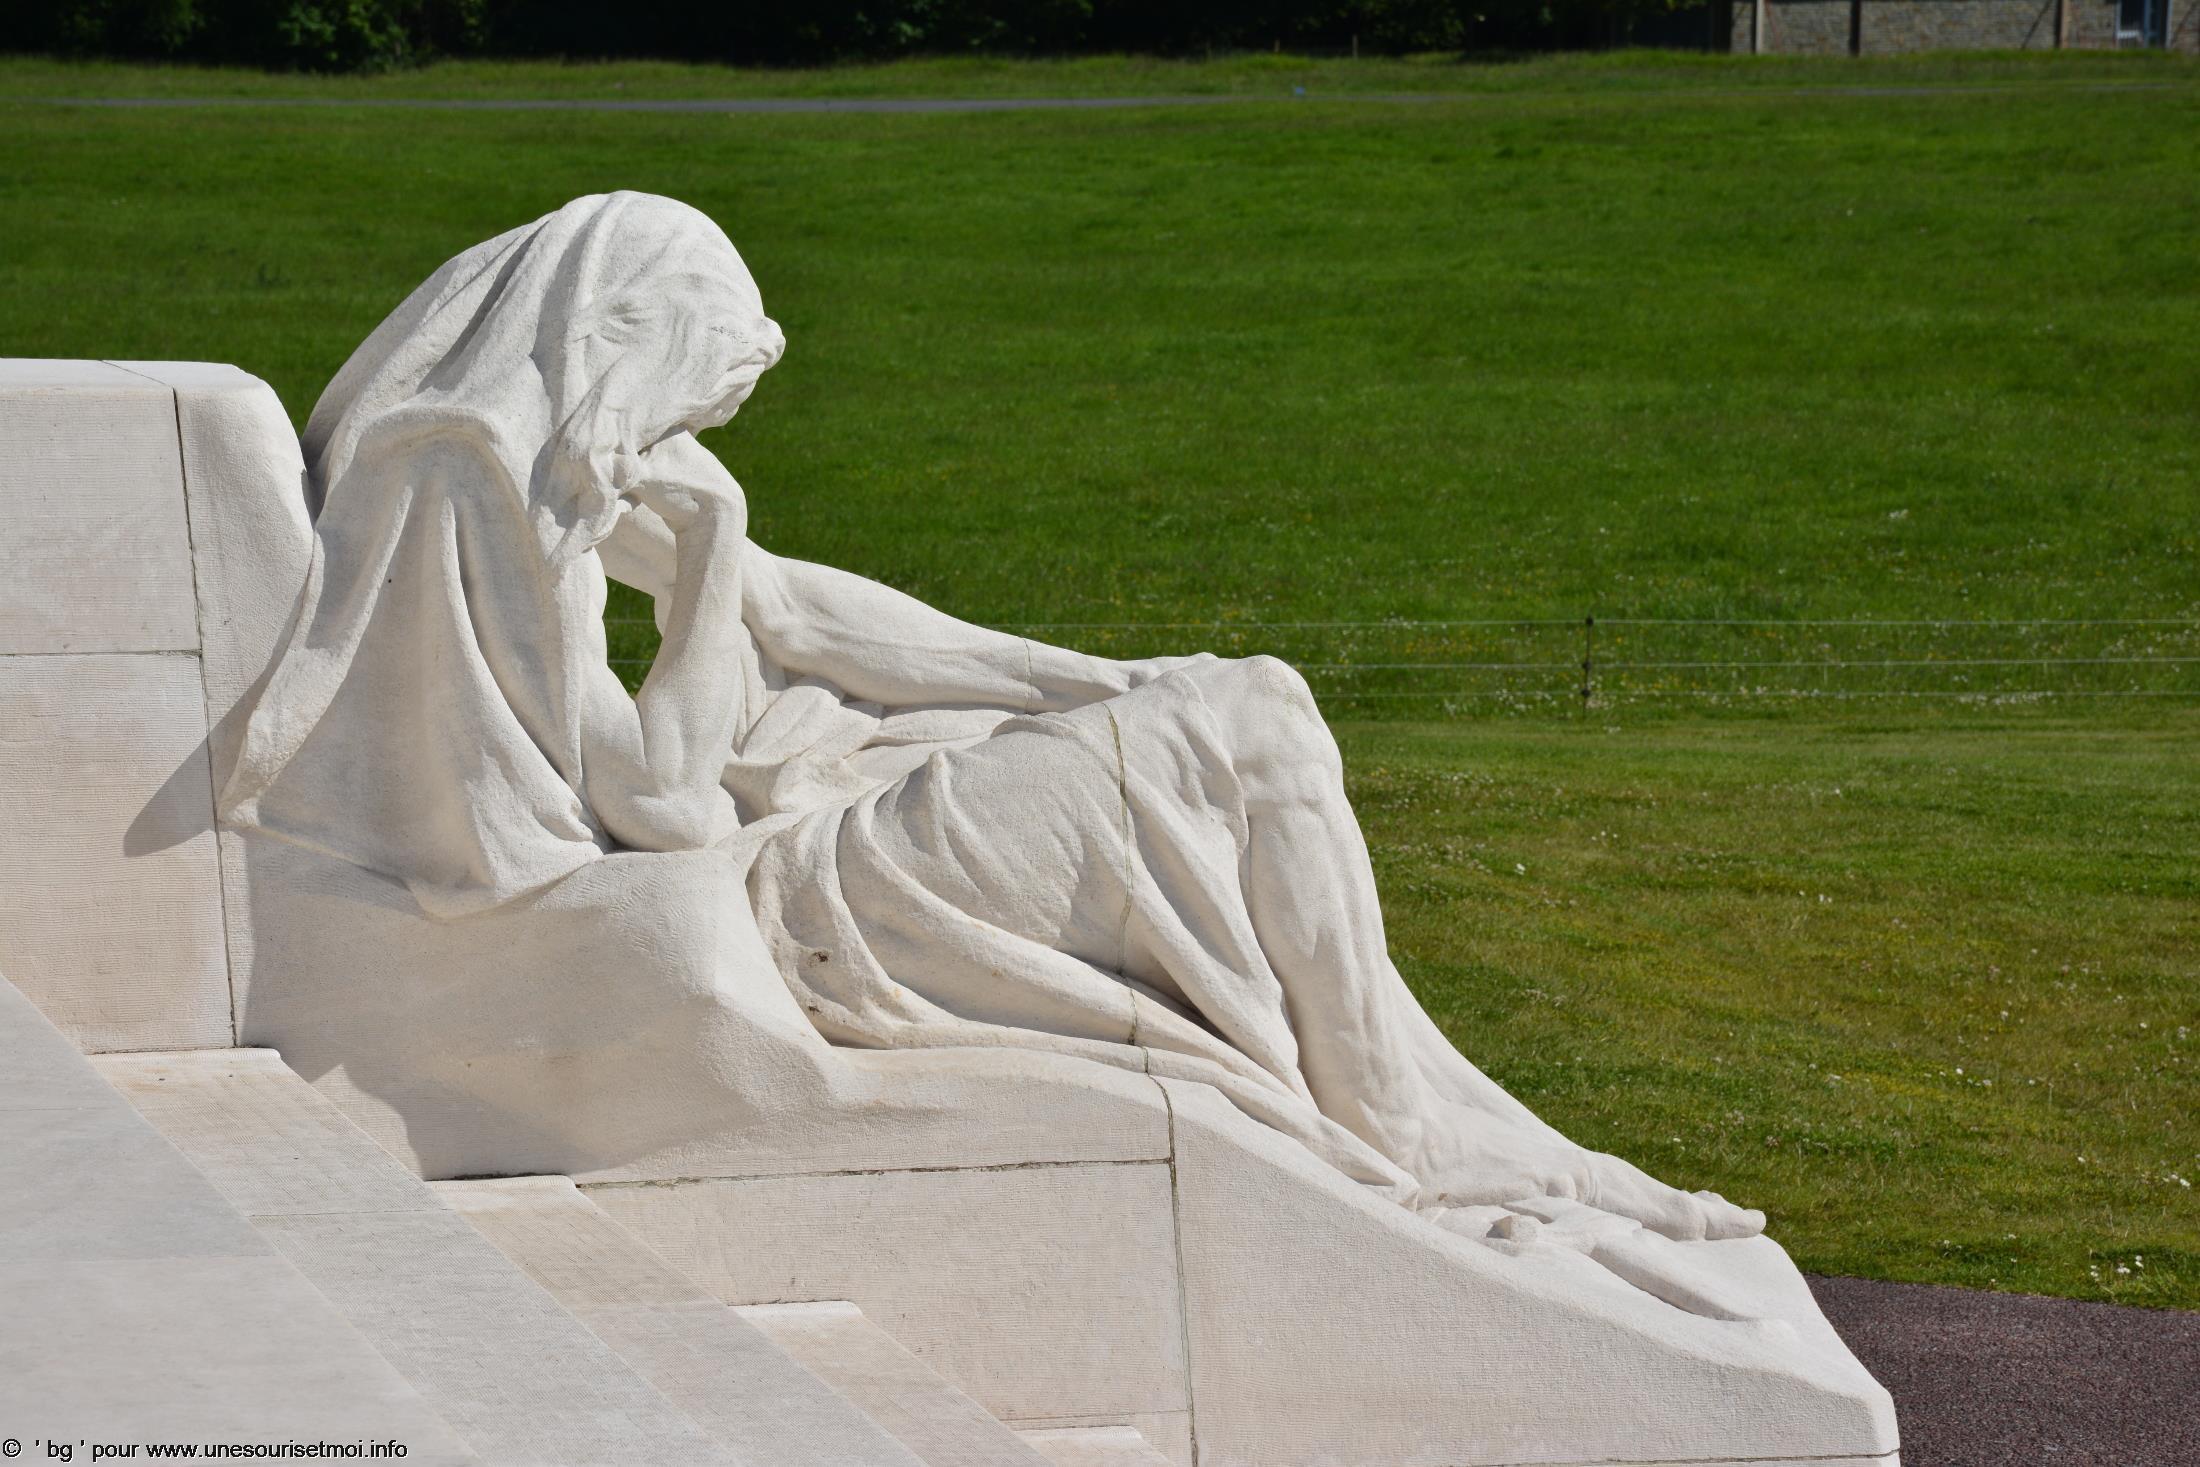 statues-et-sculptures-premiere-guerre-mondiale-le-parc-et-le-memorial-canadien-de-vimy_6